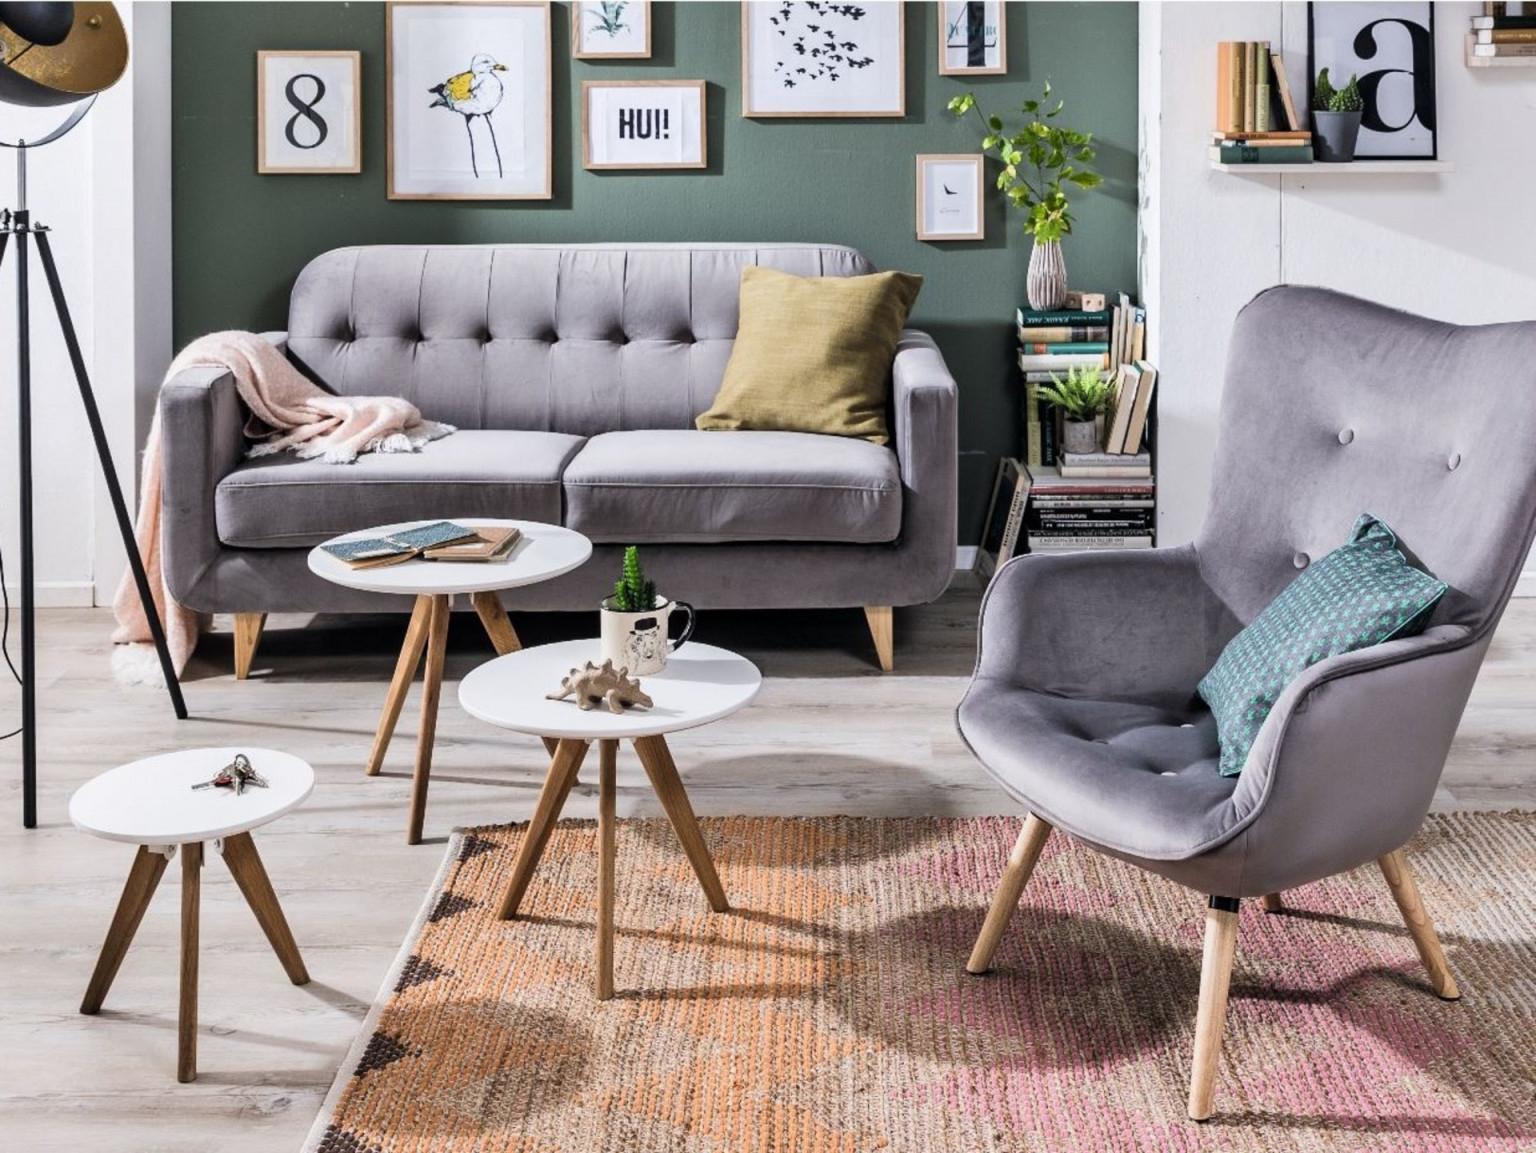 Kleines Wohnzimmer Gemütlich Und Clever Einrichten von Wohnzimmer Stilvoll Einrichten Photo